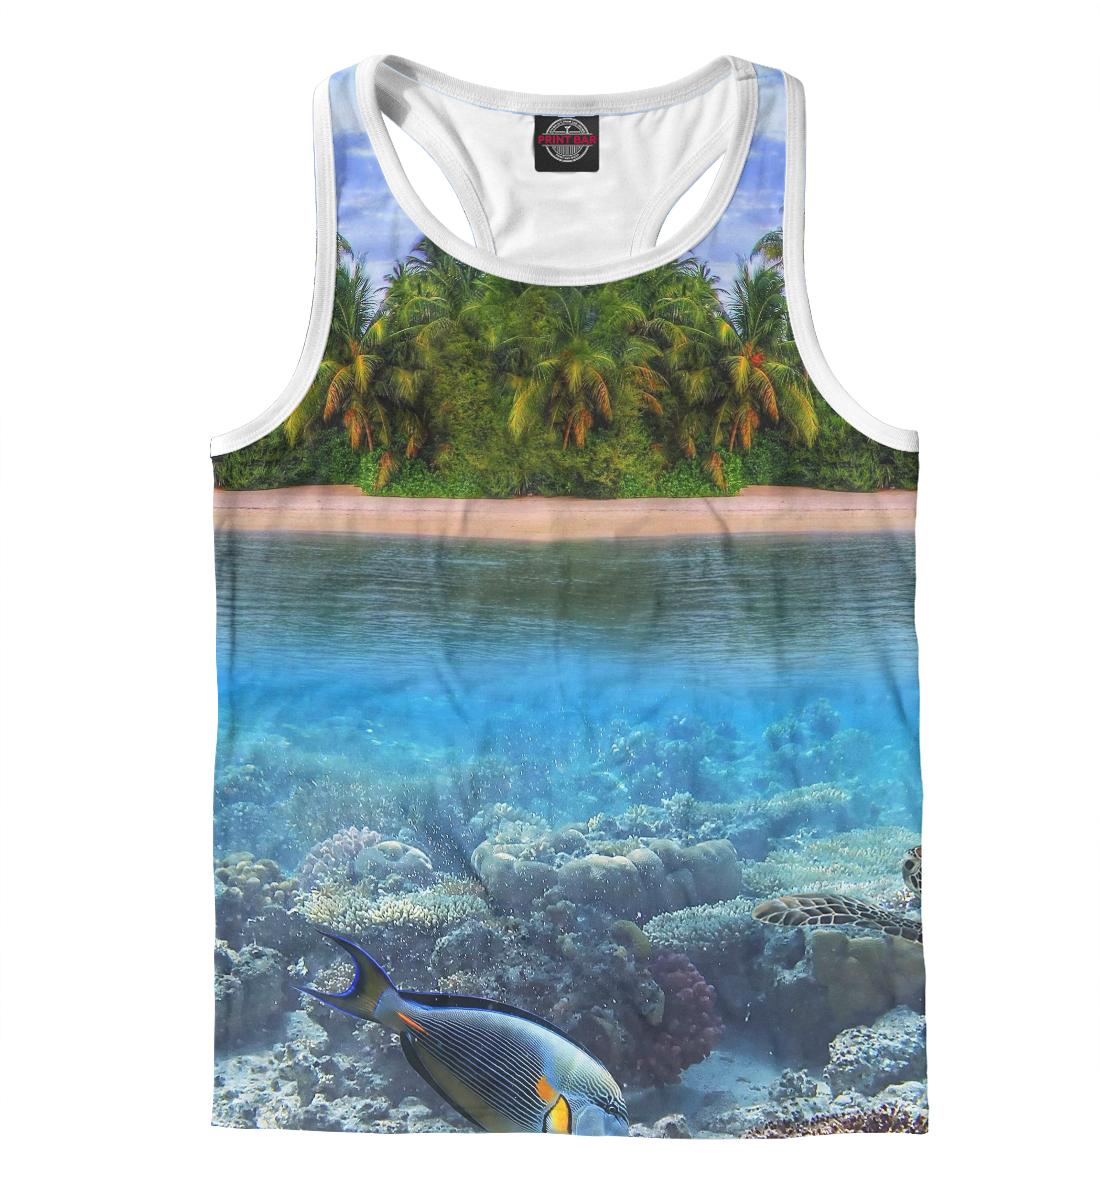 Купить Тропический остров, Printbar, Майки борцовки, PEY-401053-mayb-2